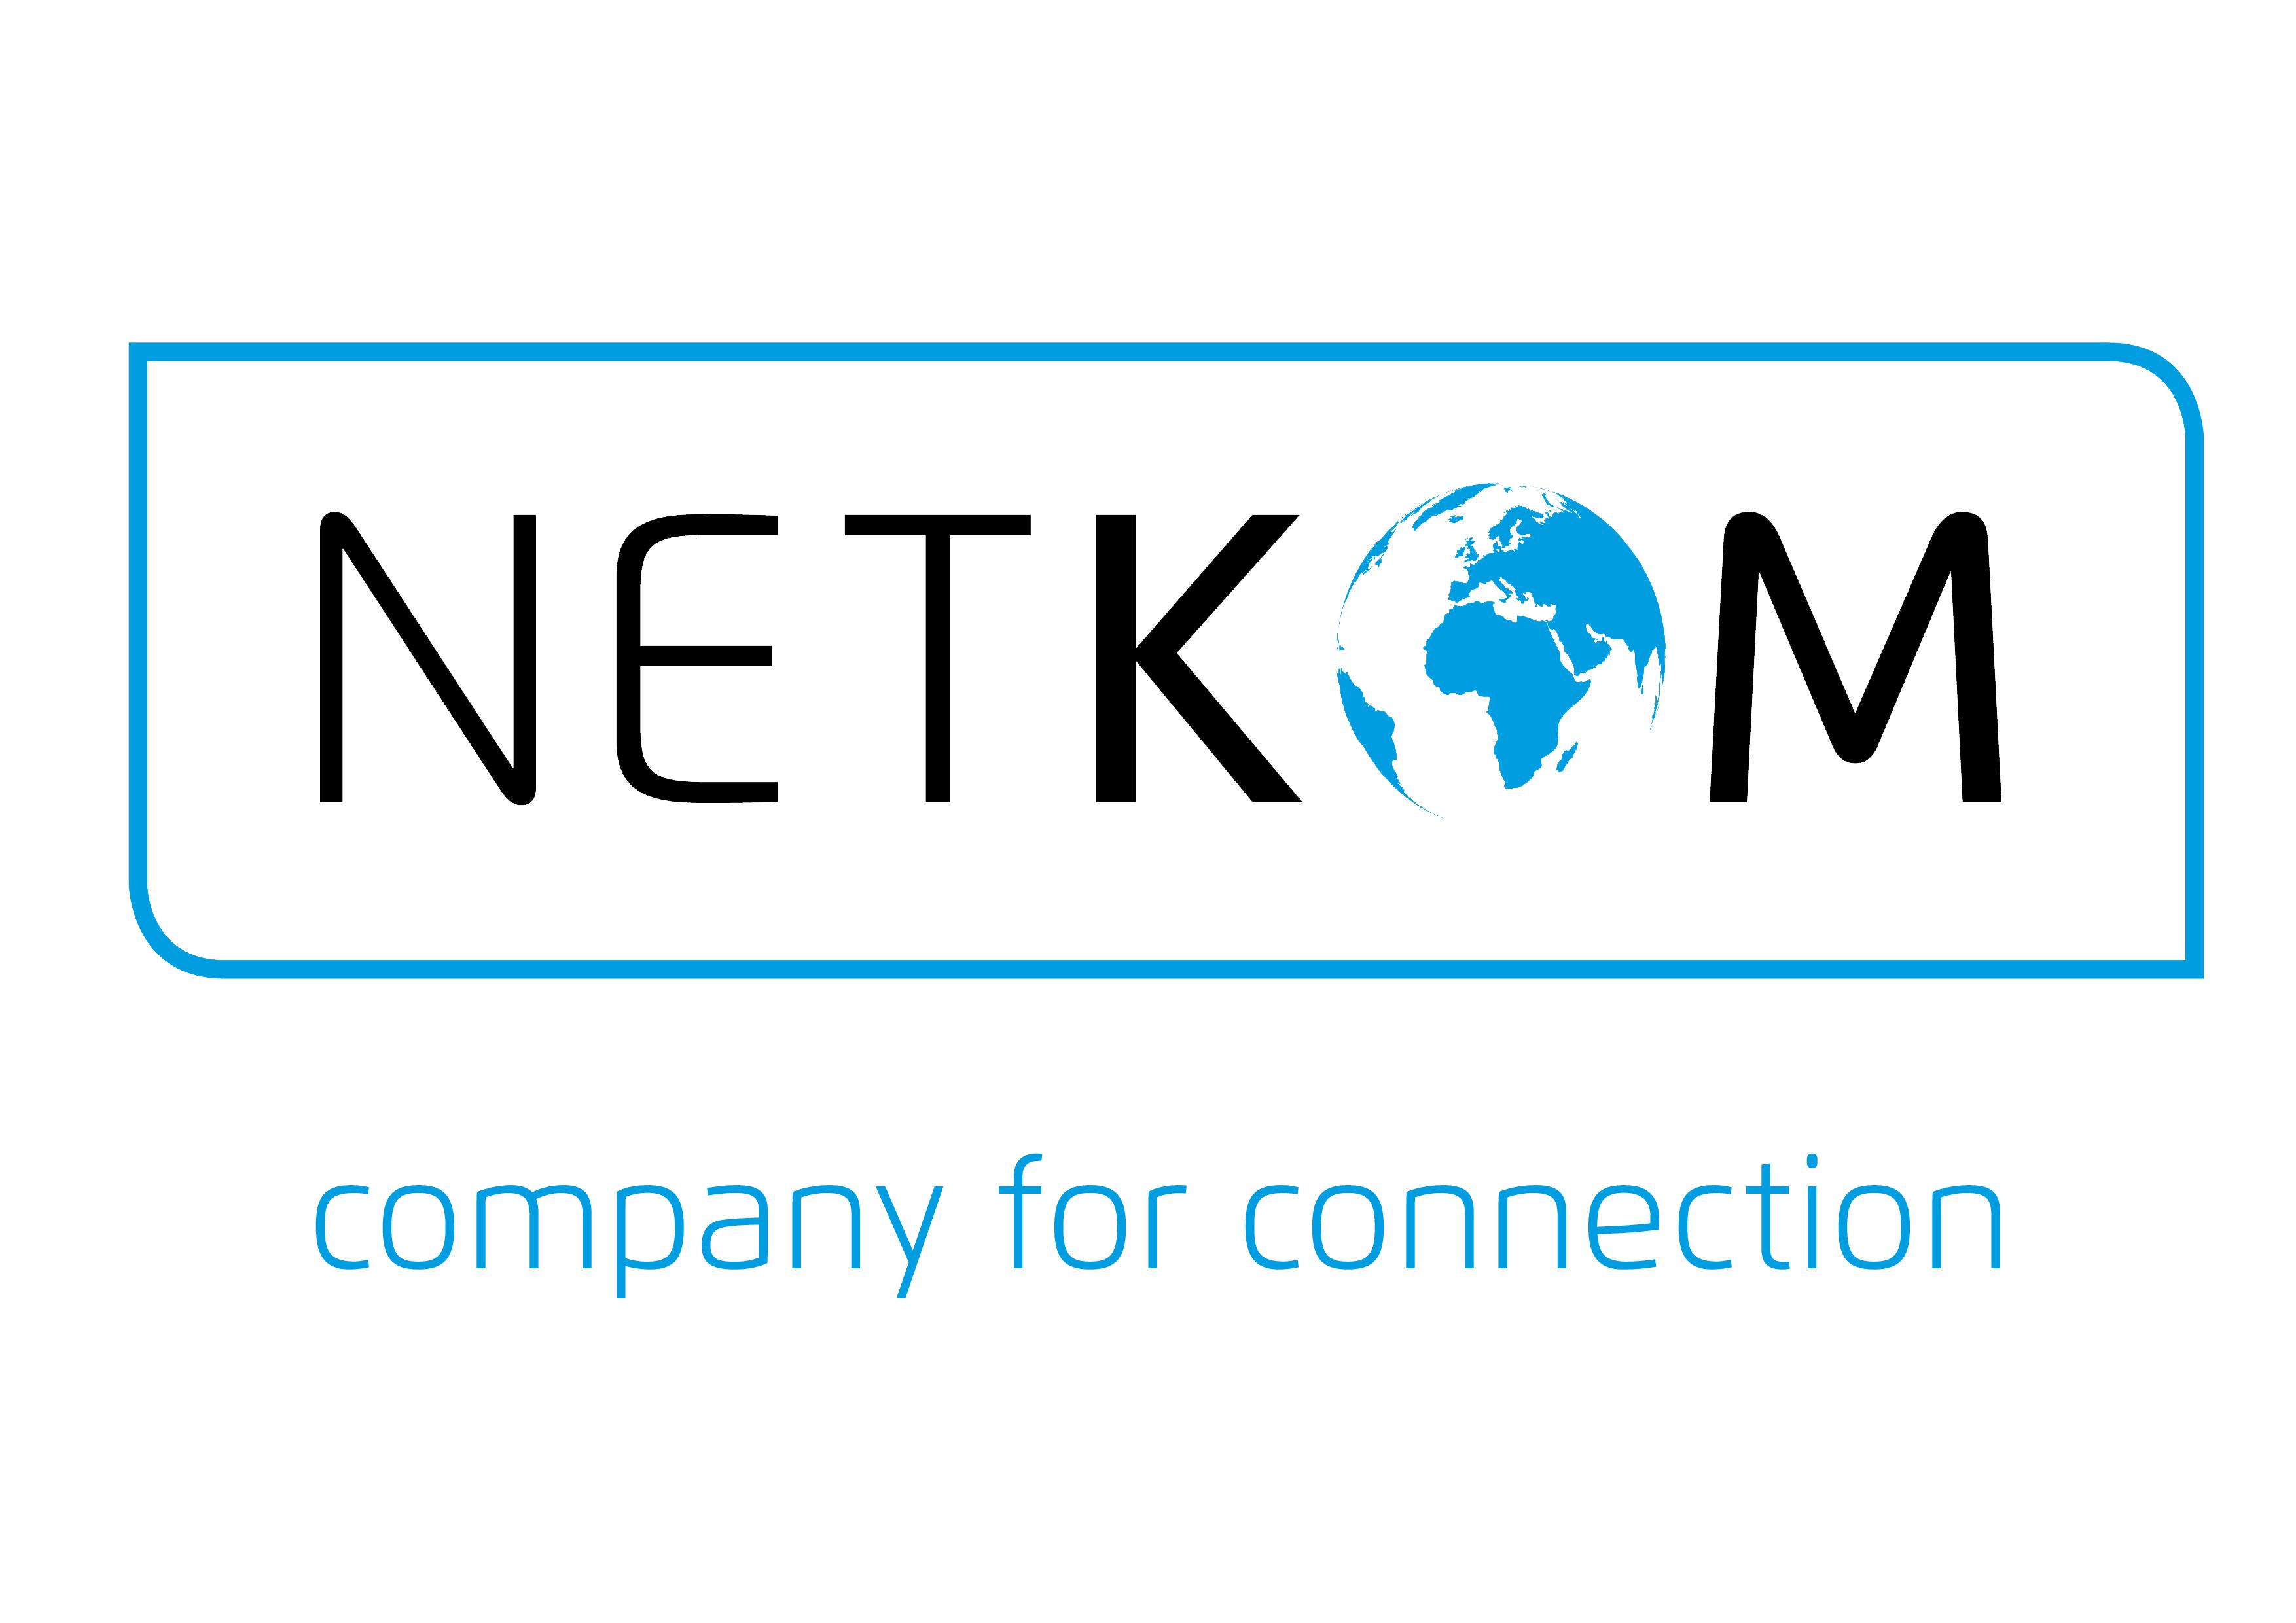 NetKom GmbH